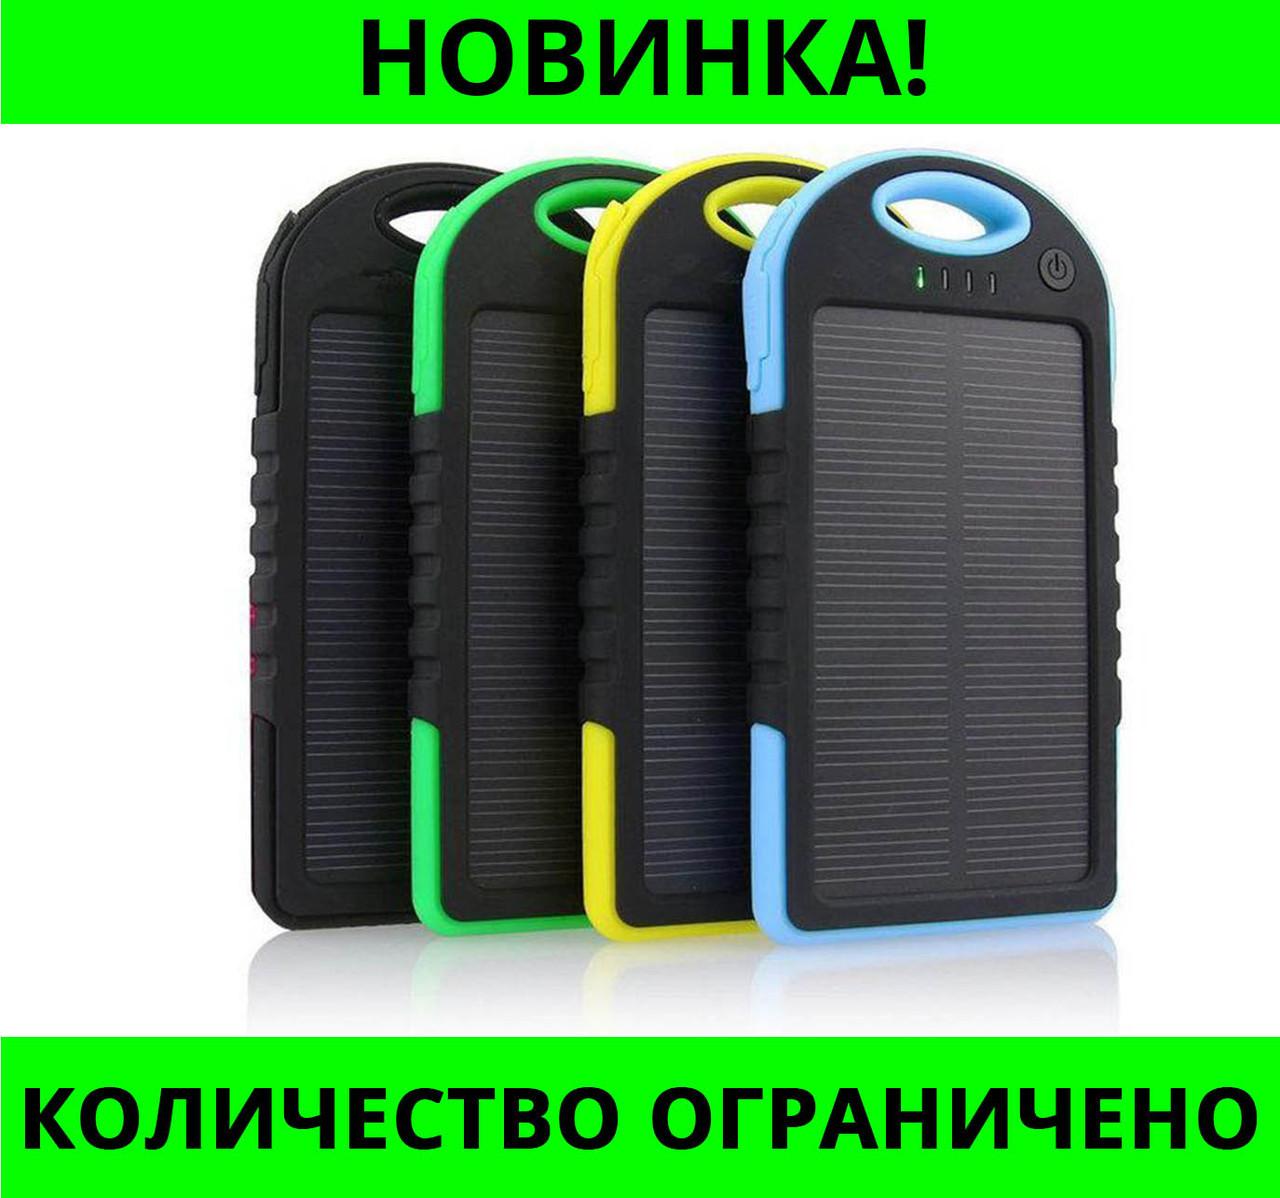 Универсальный зарядный аккумулятор Power Bank Solar 8000 mAh!Розница и Опт